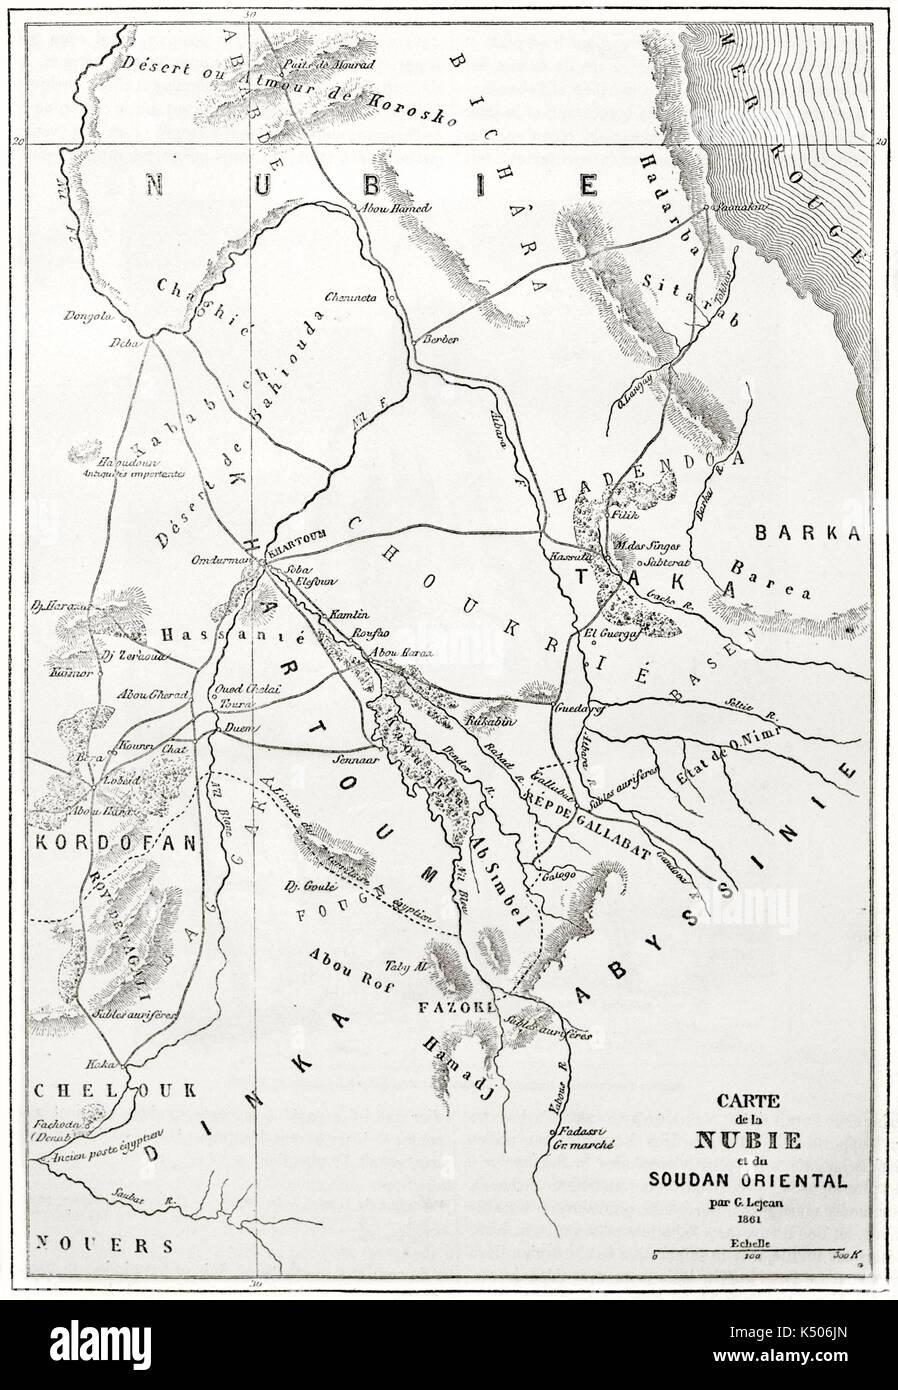 Cartina Dell Africa Orientale.Vecchia Cartina Topografica Della Nubia Regione Dell Africa